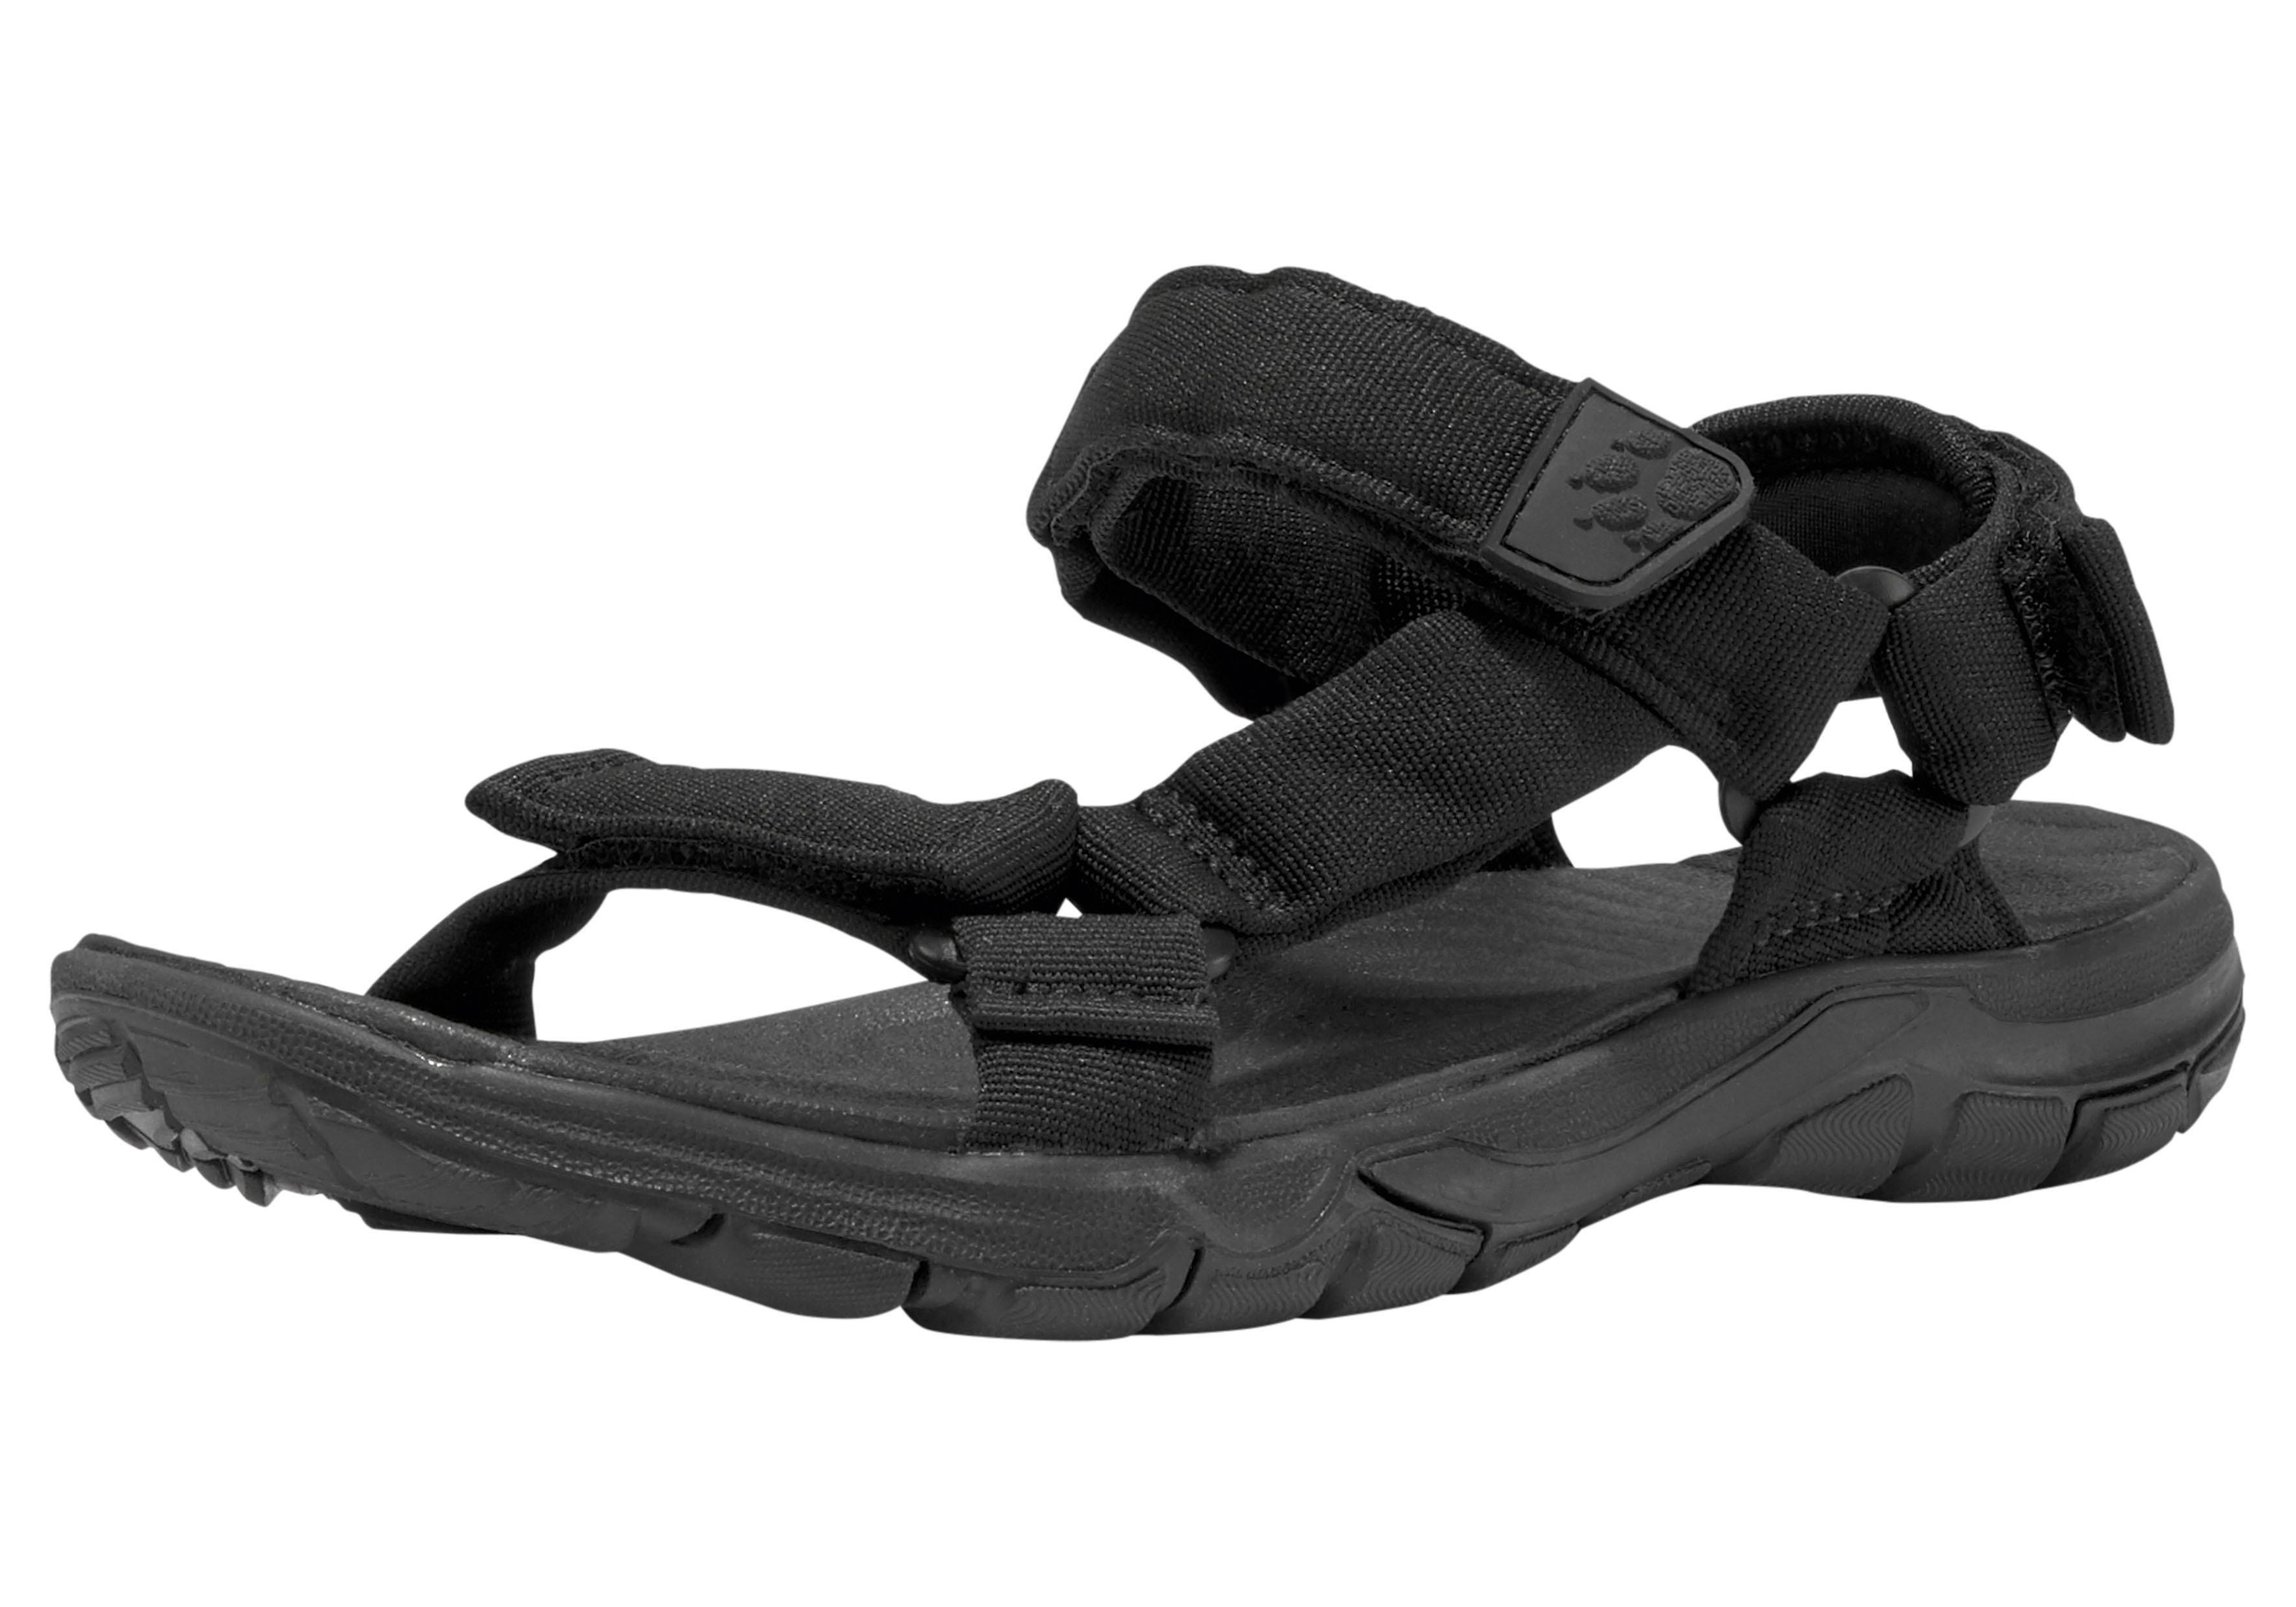 Jack Wolfskin Outdoorsandale Seven Seas 2 Sandal W